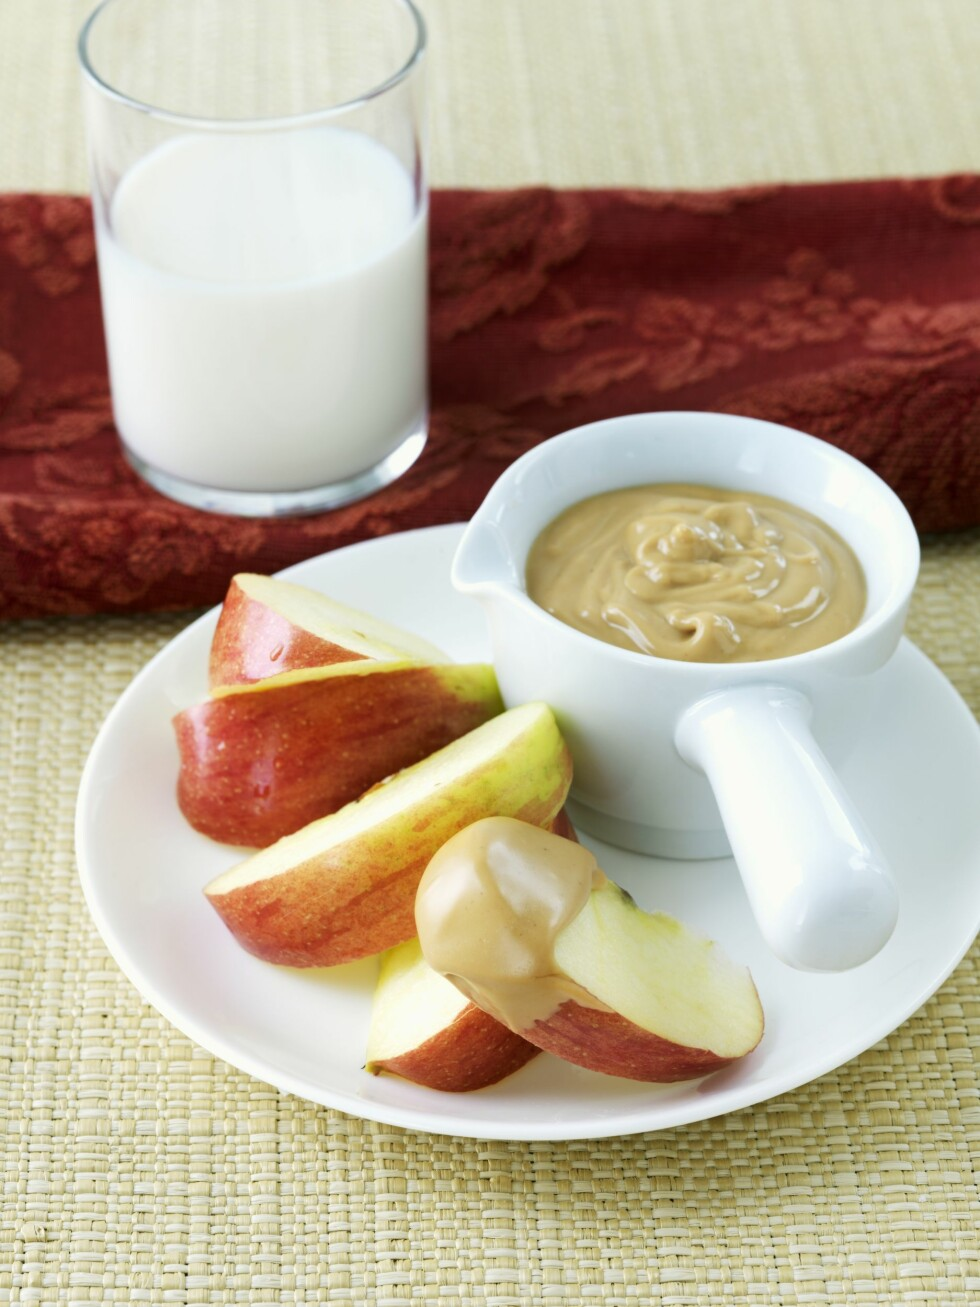 EPLE MED PEANØTTSMØR: Epler og peanøttsmør er en super kombinasjon.  Foto: Scanpix